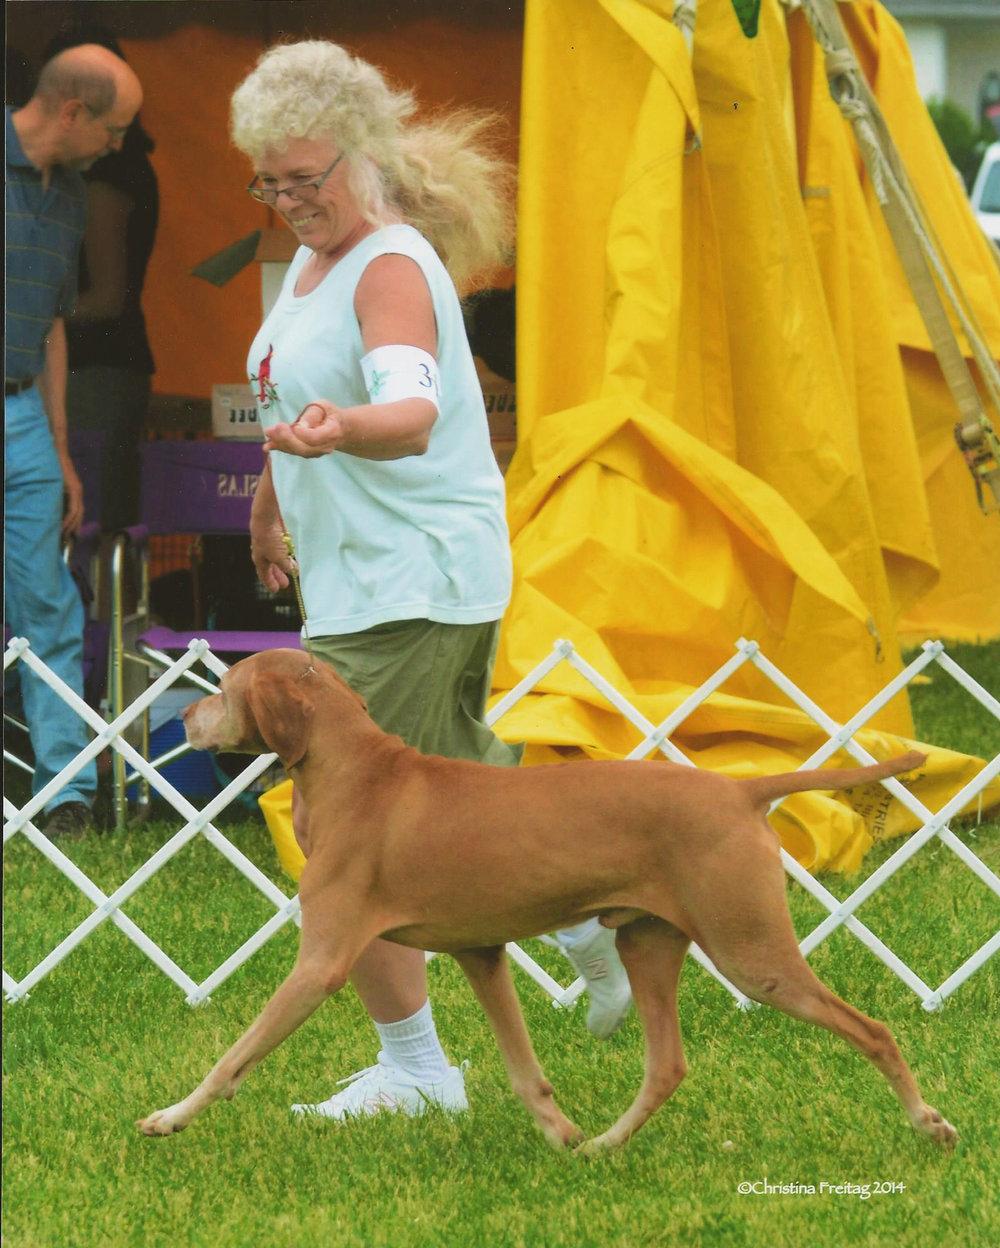 Gaiting at dog show